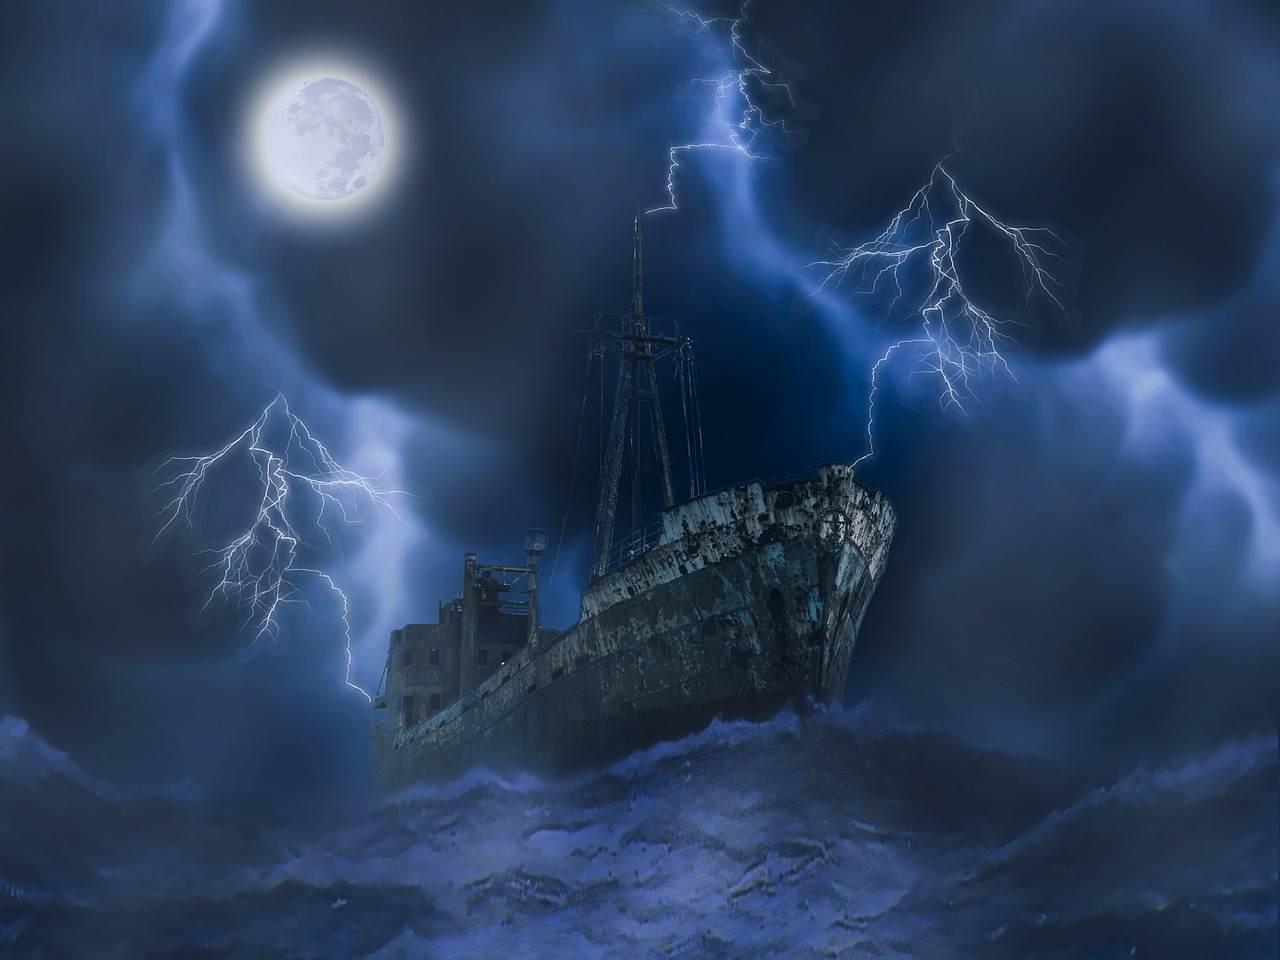 海にまつわる怖い話『船幽霊』|洒落怖・海の怪談